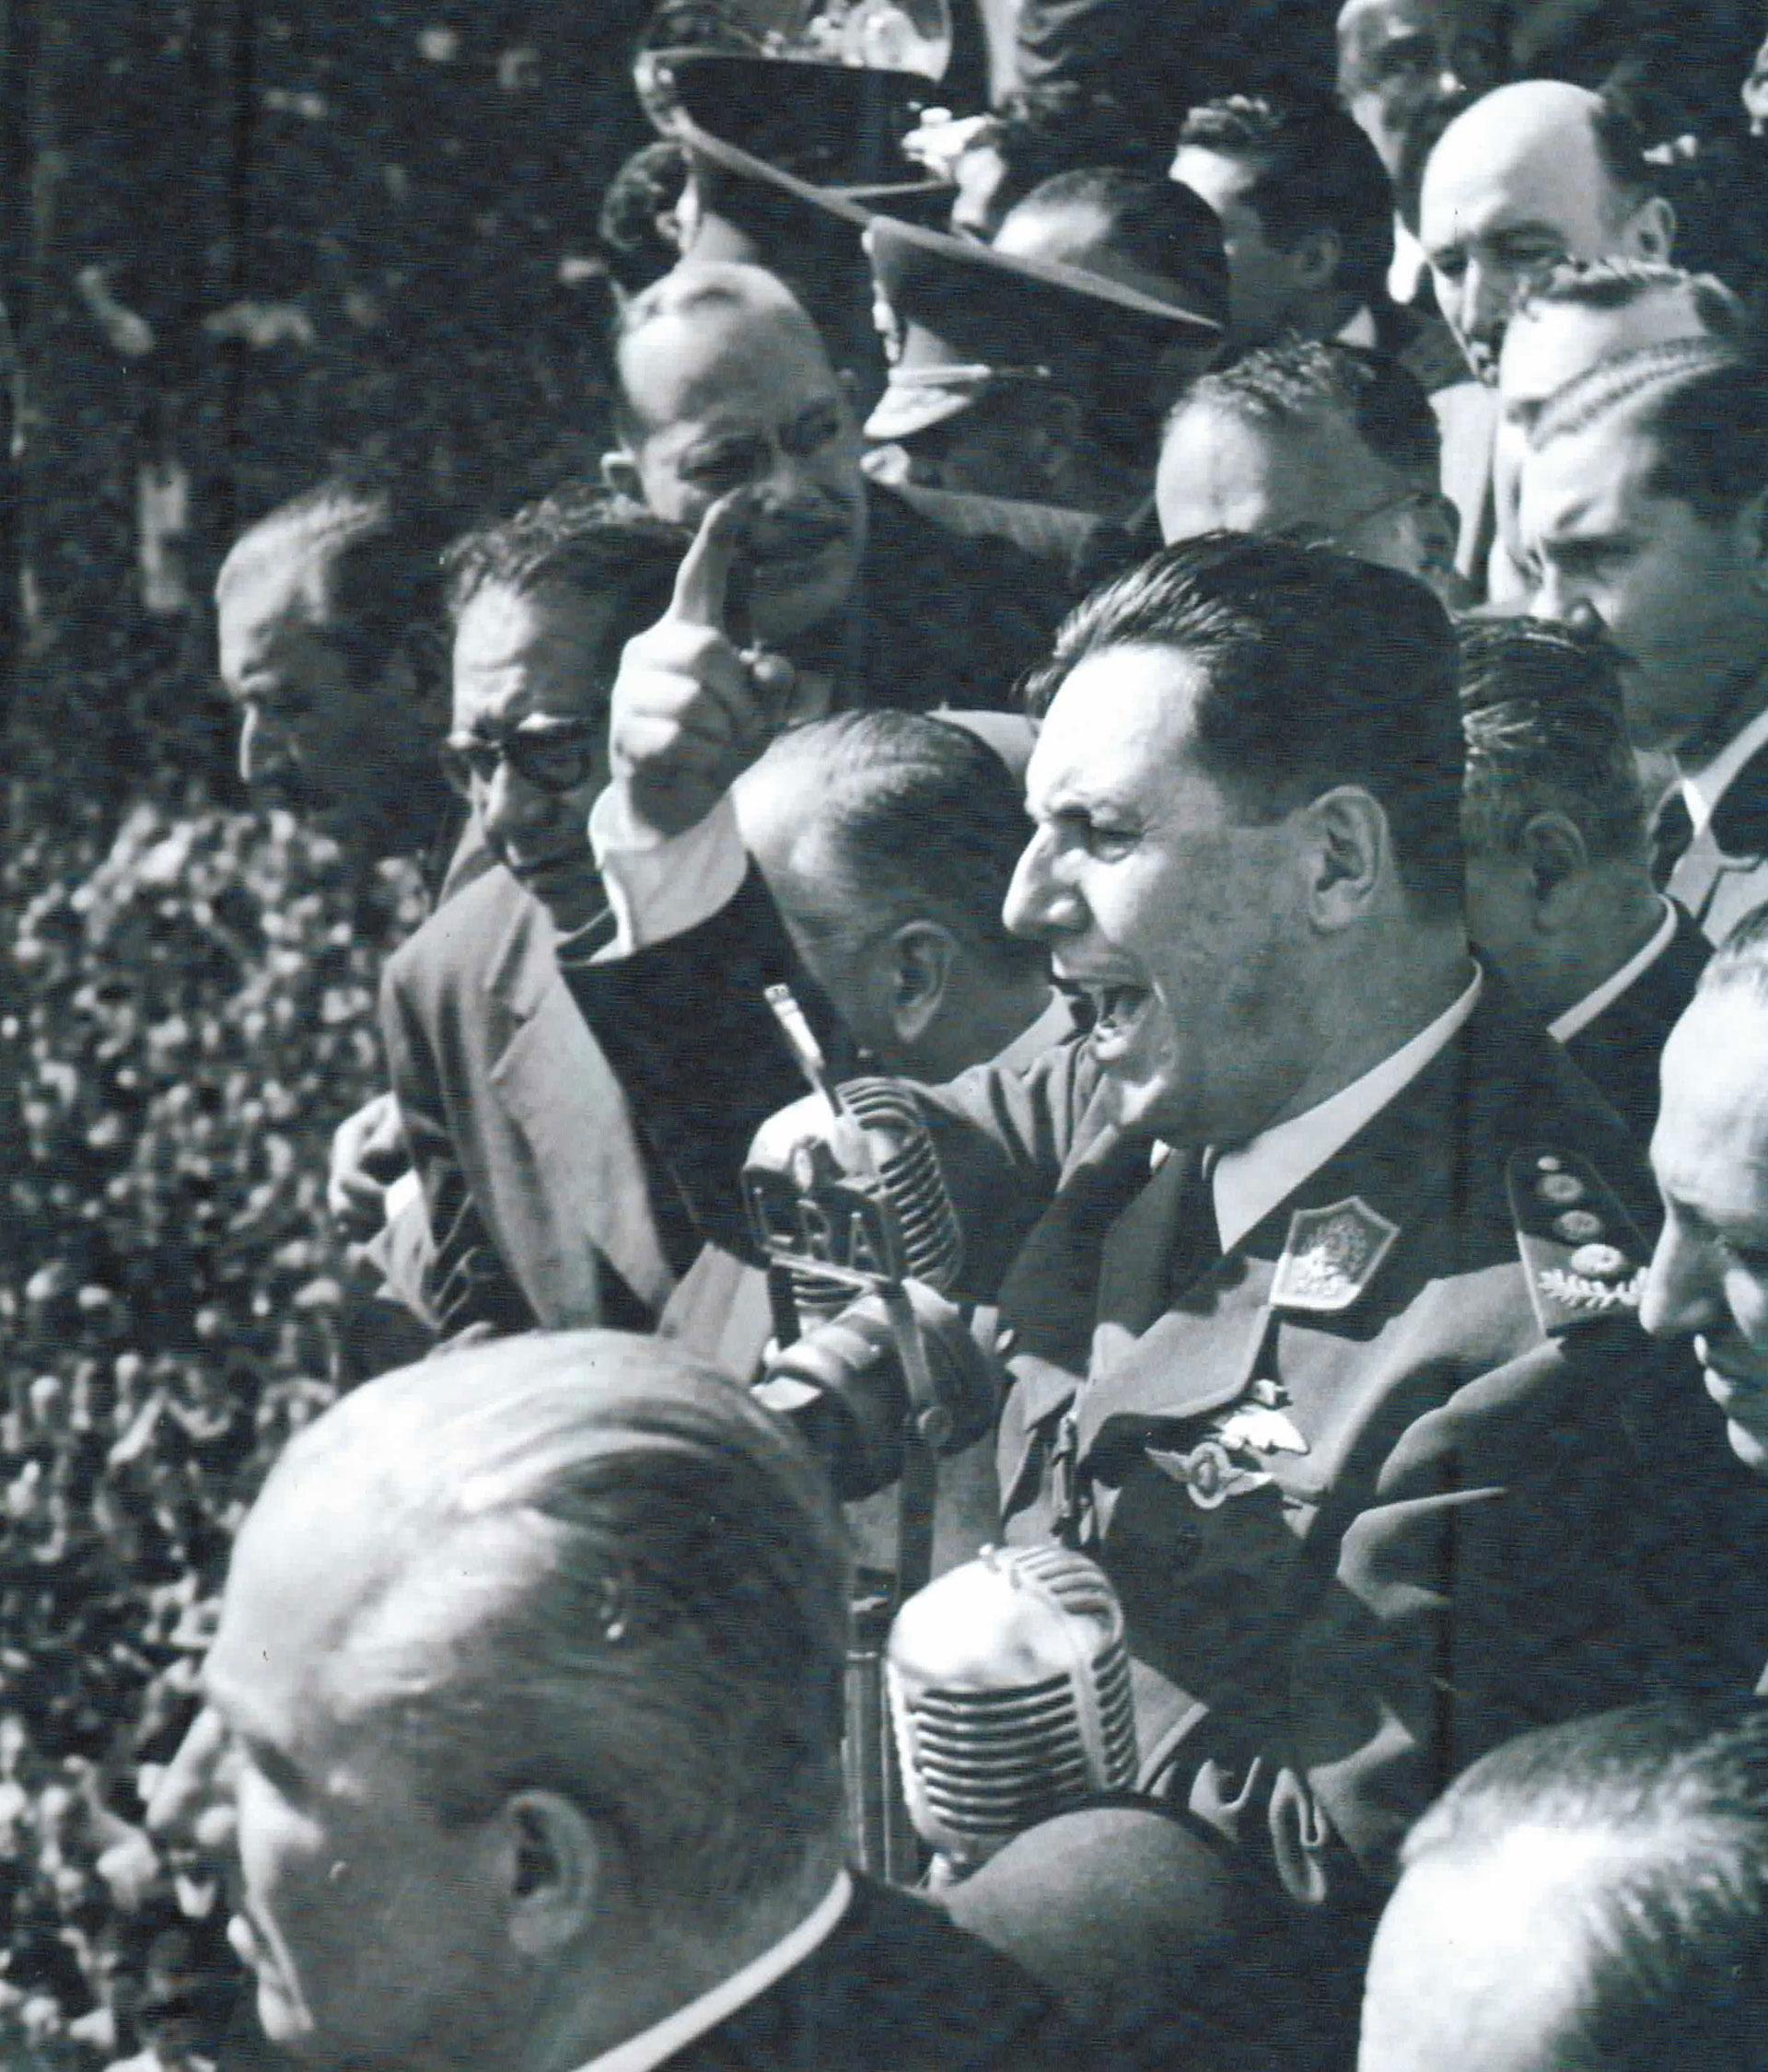 El fotógrafo Pinélides Aristóbulo Fusco integró el equipo de la Subsecretaría de Informaciones del gobierno peronista entre los años 1948 y 1955. Un libro recopila sus mejores fotos, algunas muy conocidas, otras inéditas